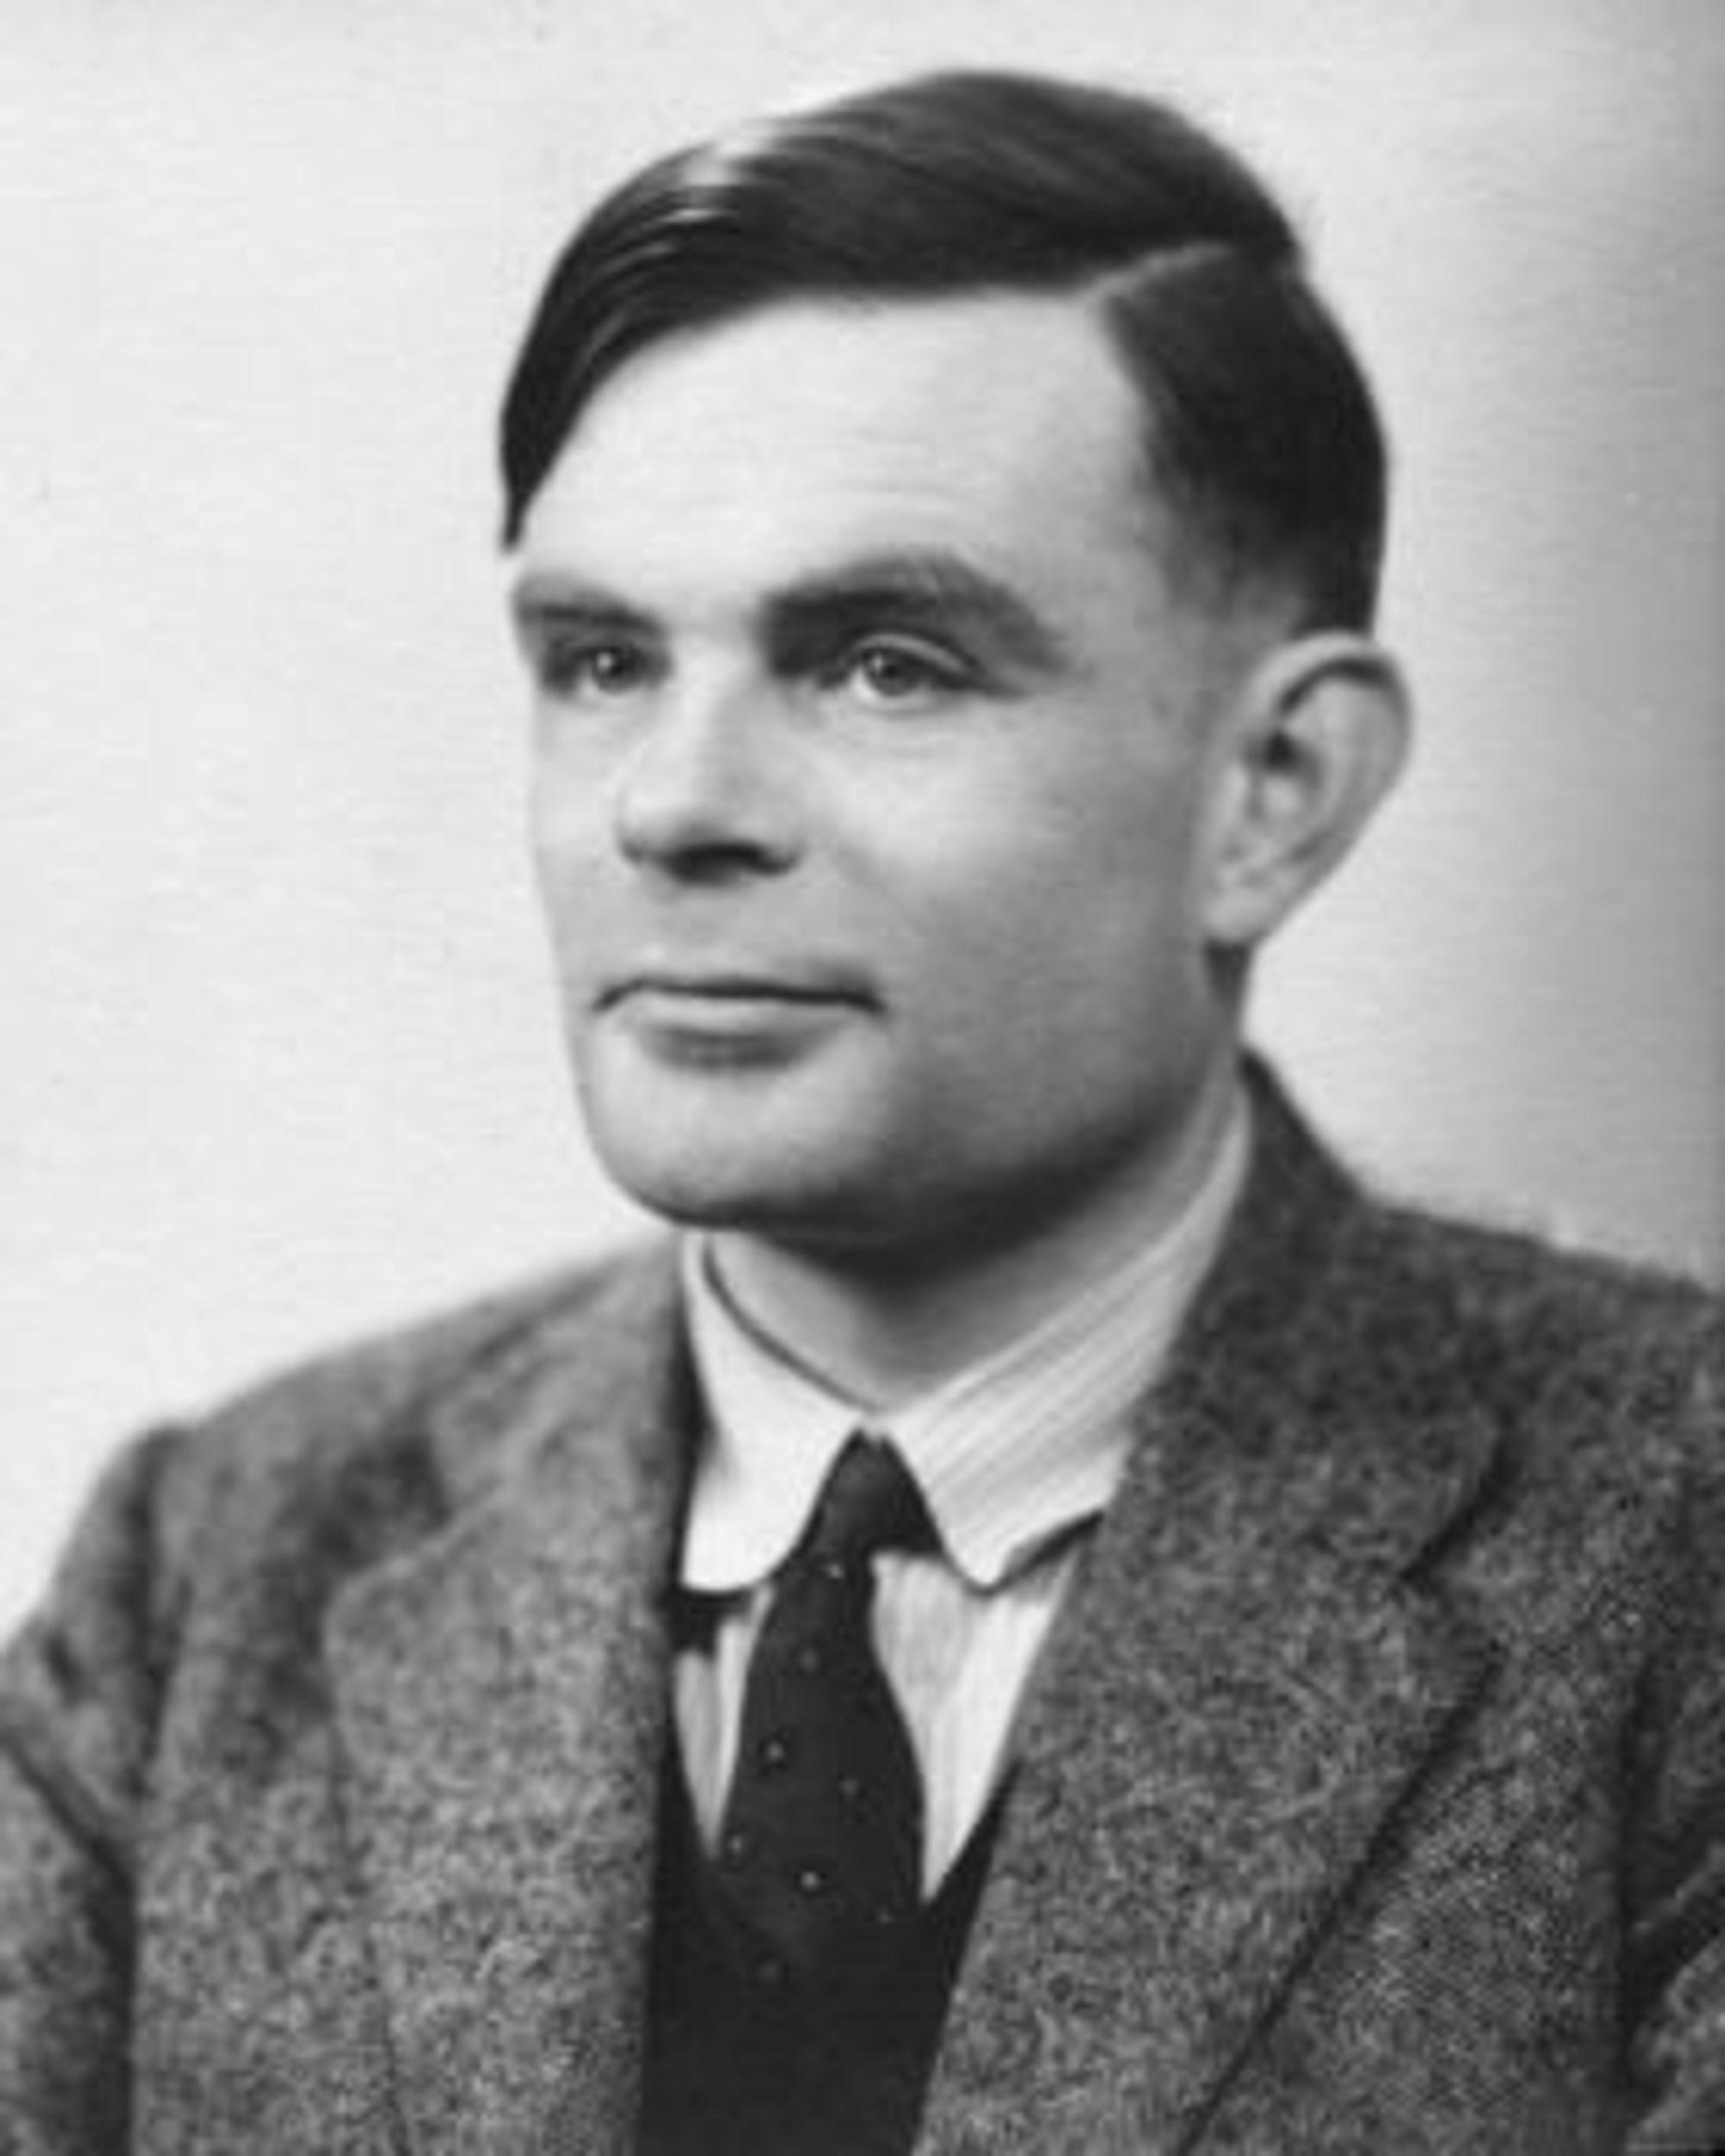 Alan Turings er nok mest kjent for bidraget til å knekke Enigma-kodene under Andre verdenskrig, men han regnes også ofte som faren til fagfeltet moderne informatikk.